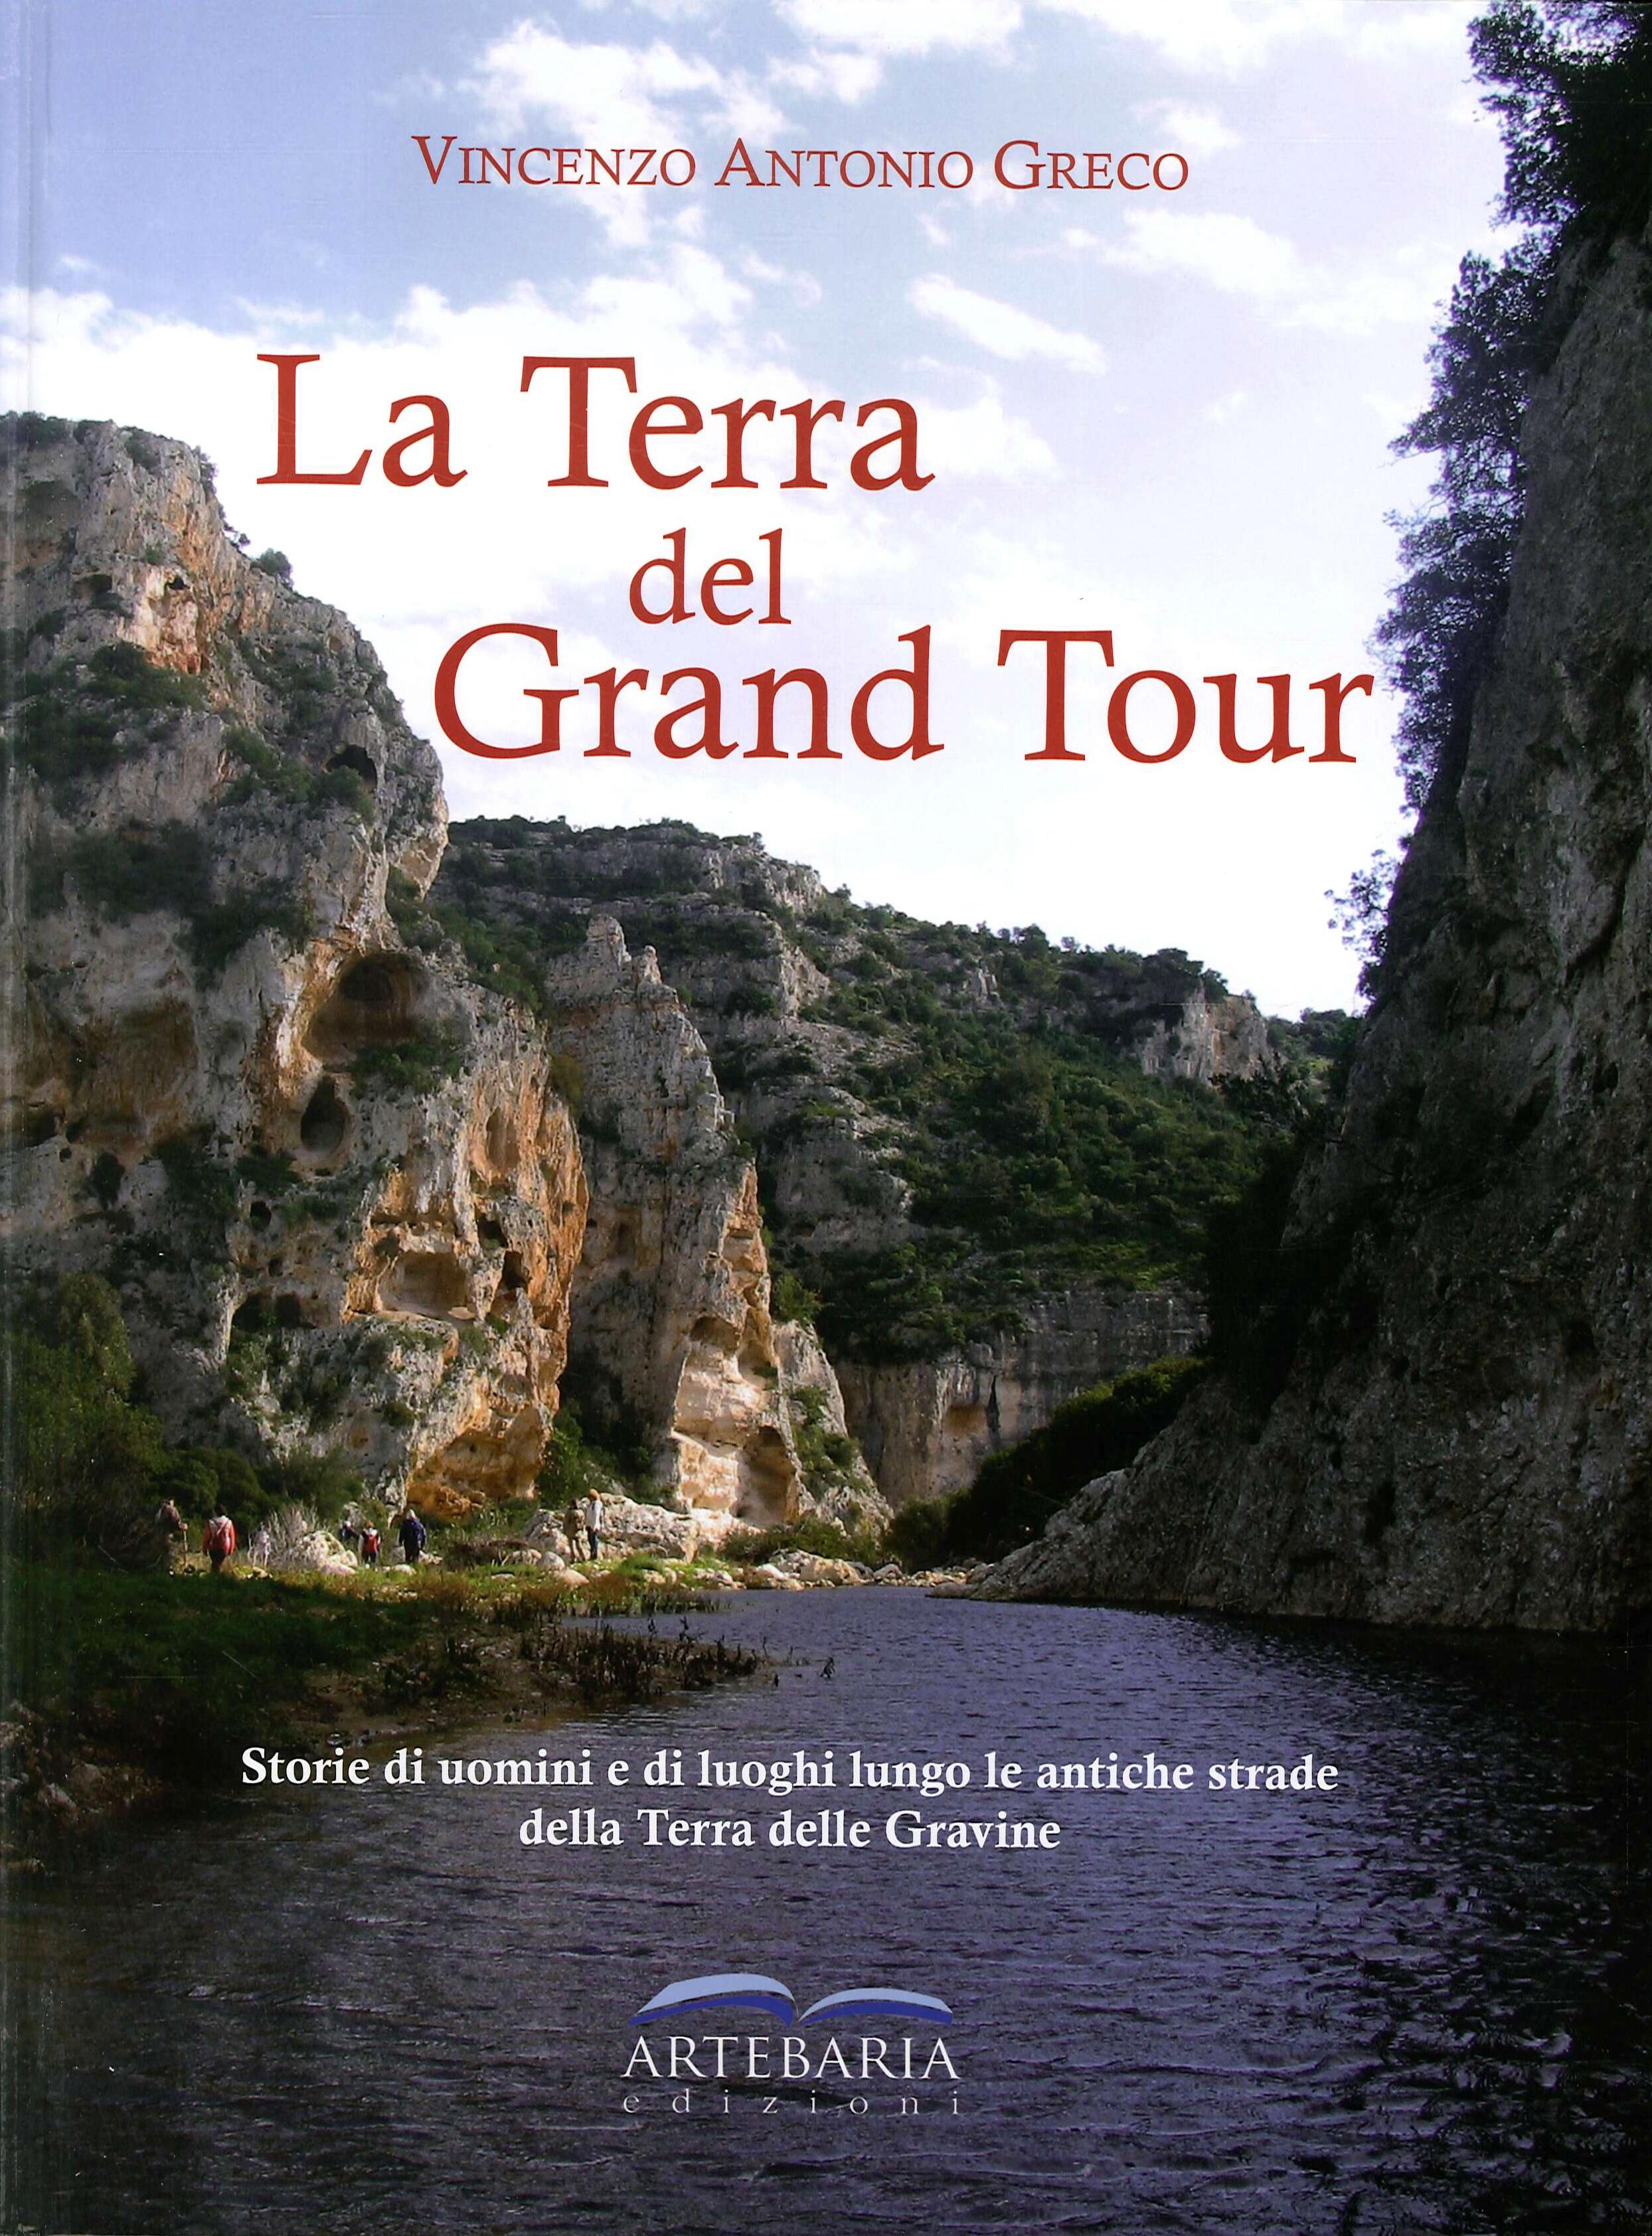 La Terra del Grand Tour. Storie di uomini e di luoghi lungo le antiche strade della Terra delle Gravine